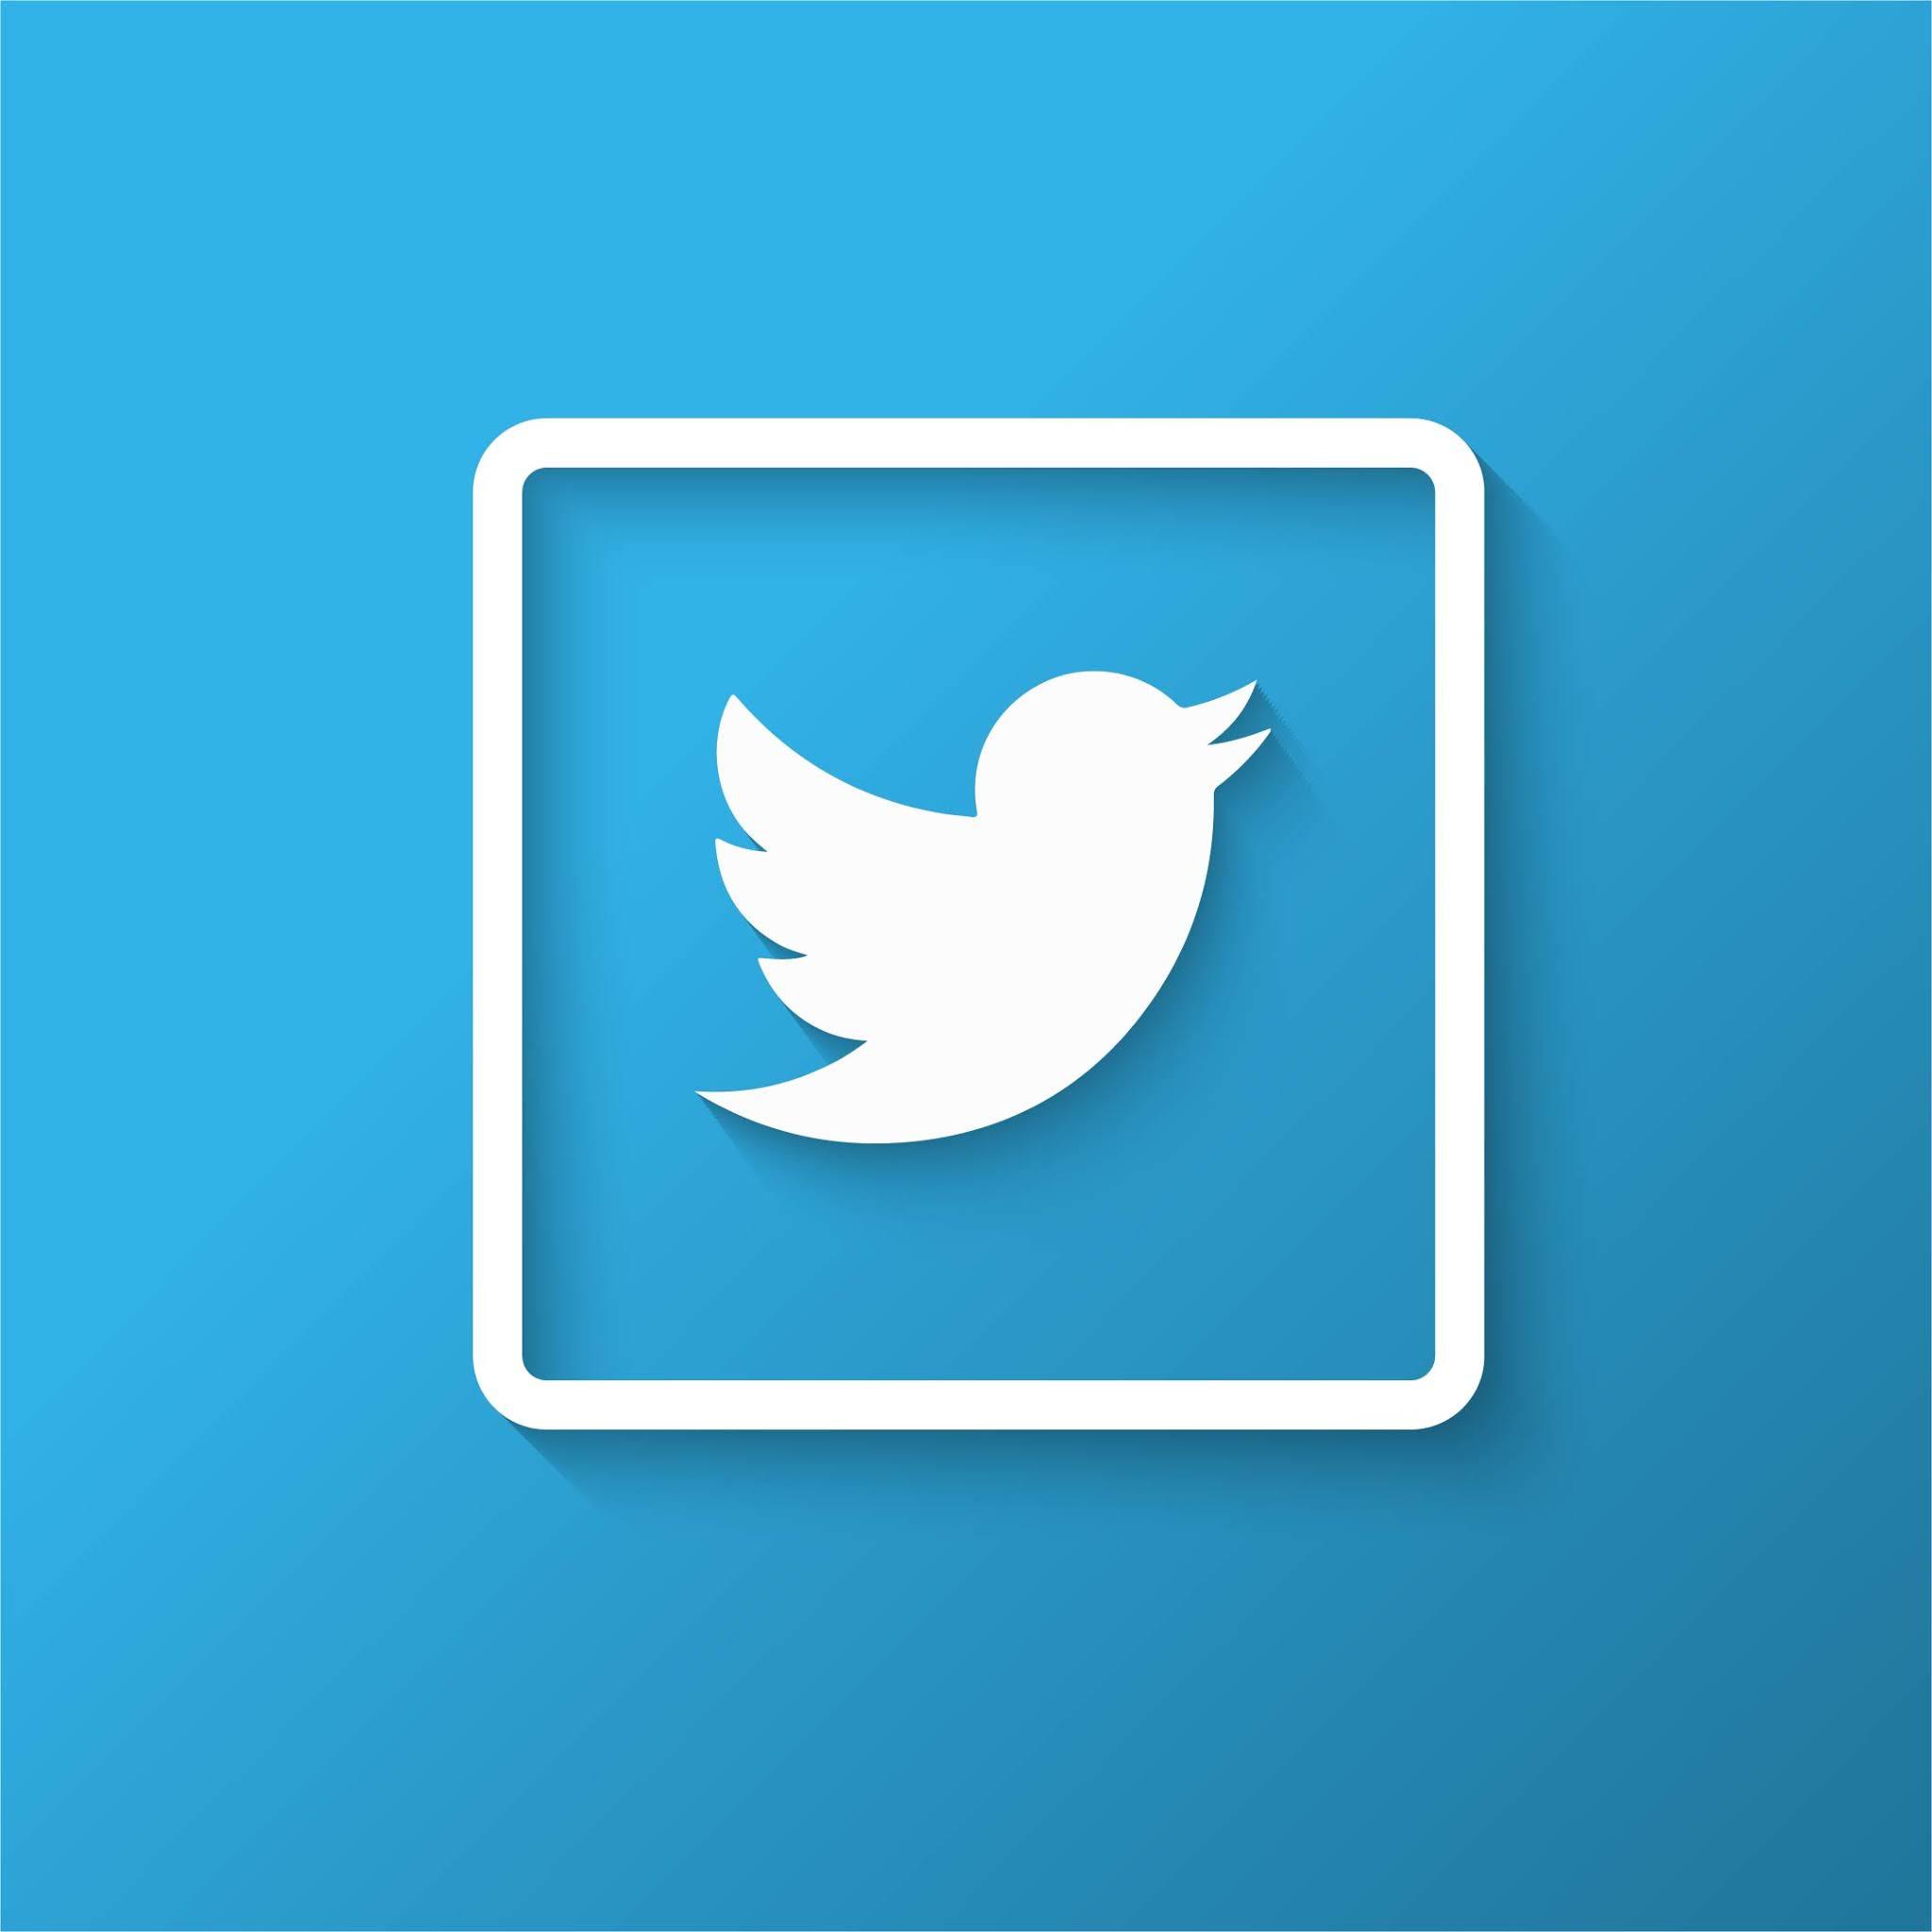 Twitter Devre Dışı Bırakılan Hesabı Açma